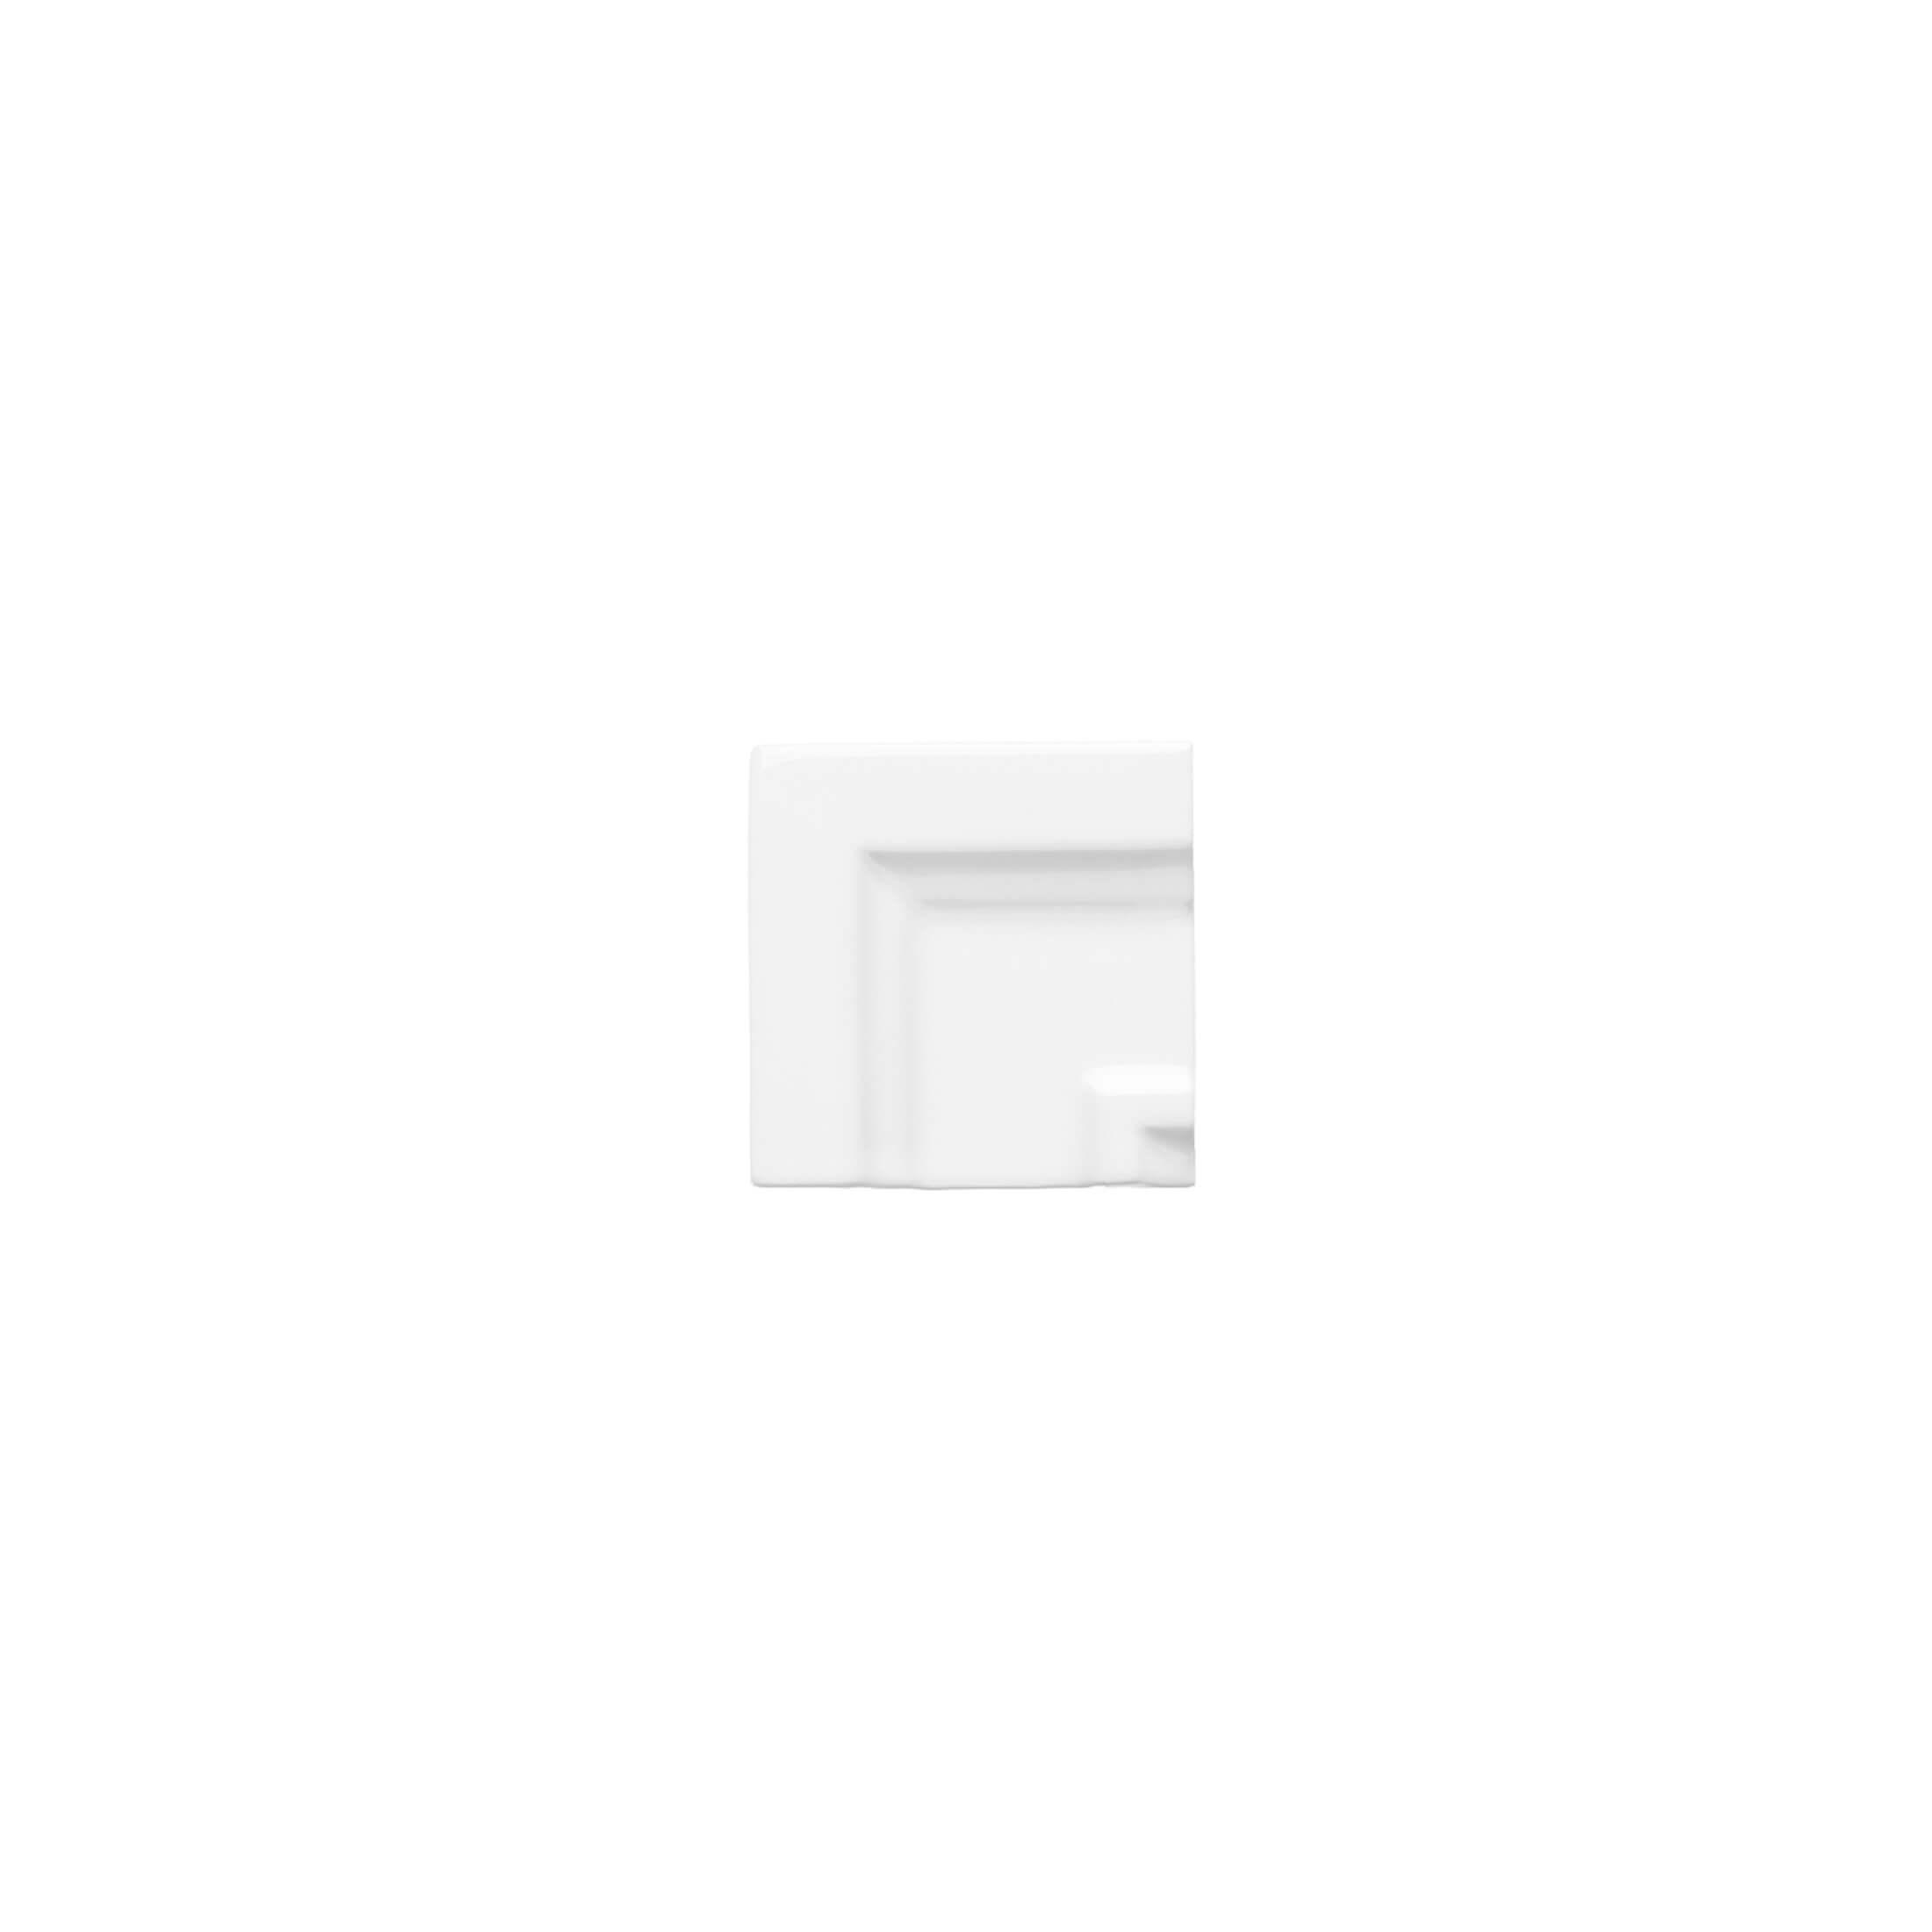 ADNE5515 - ANGULO MARCO CORNISACLASICA - 7.5 cm X 15 cm